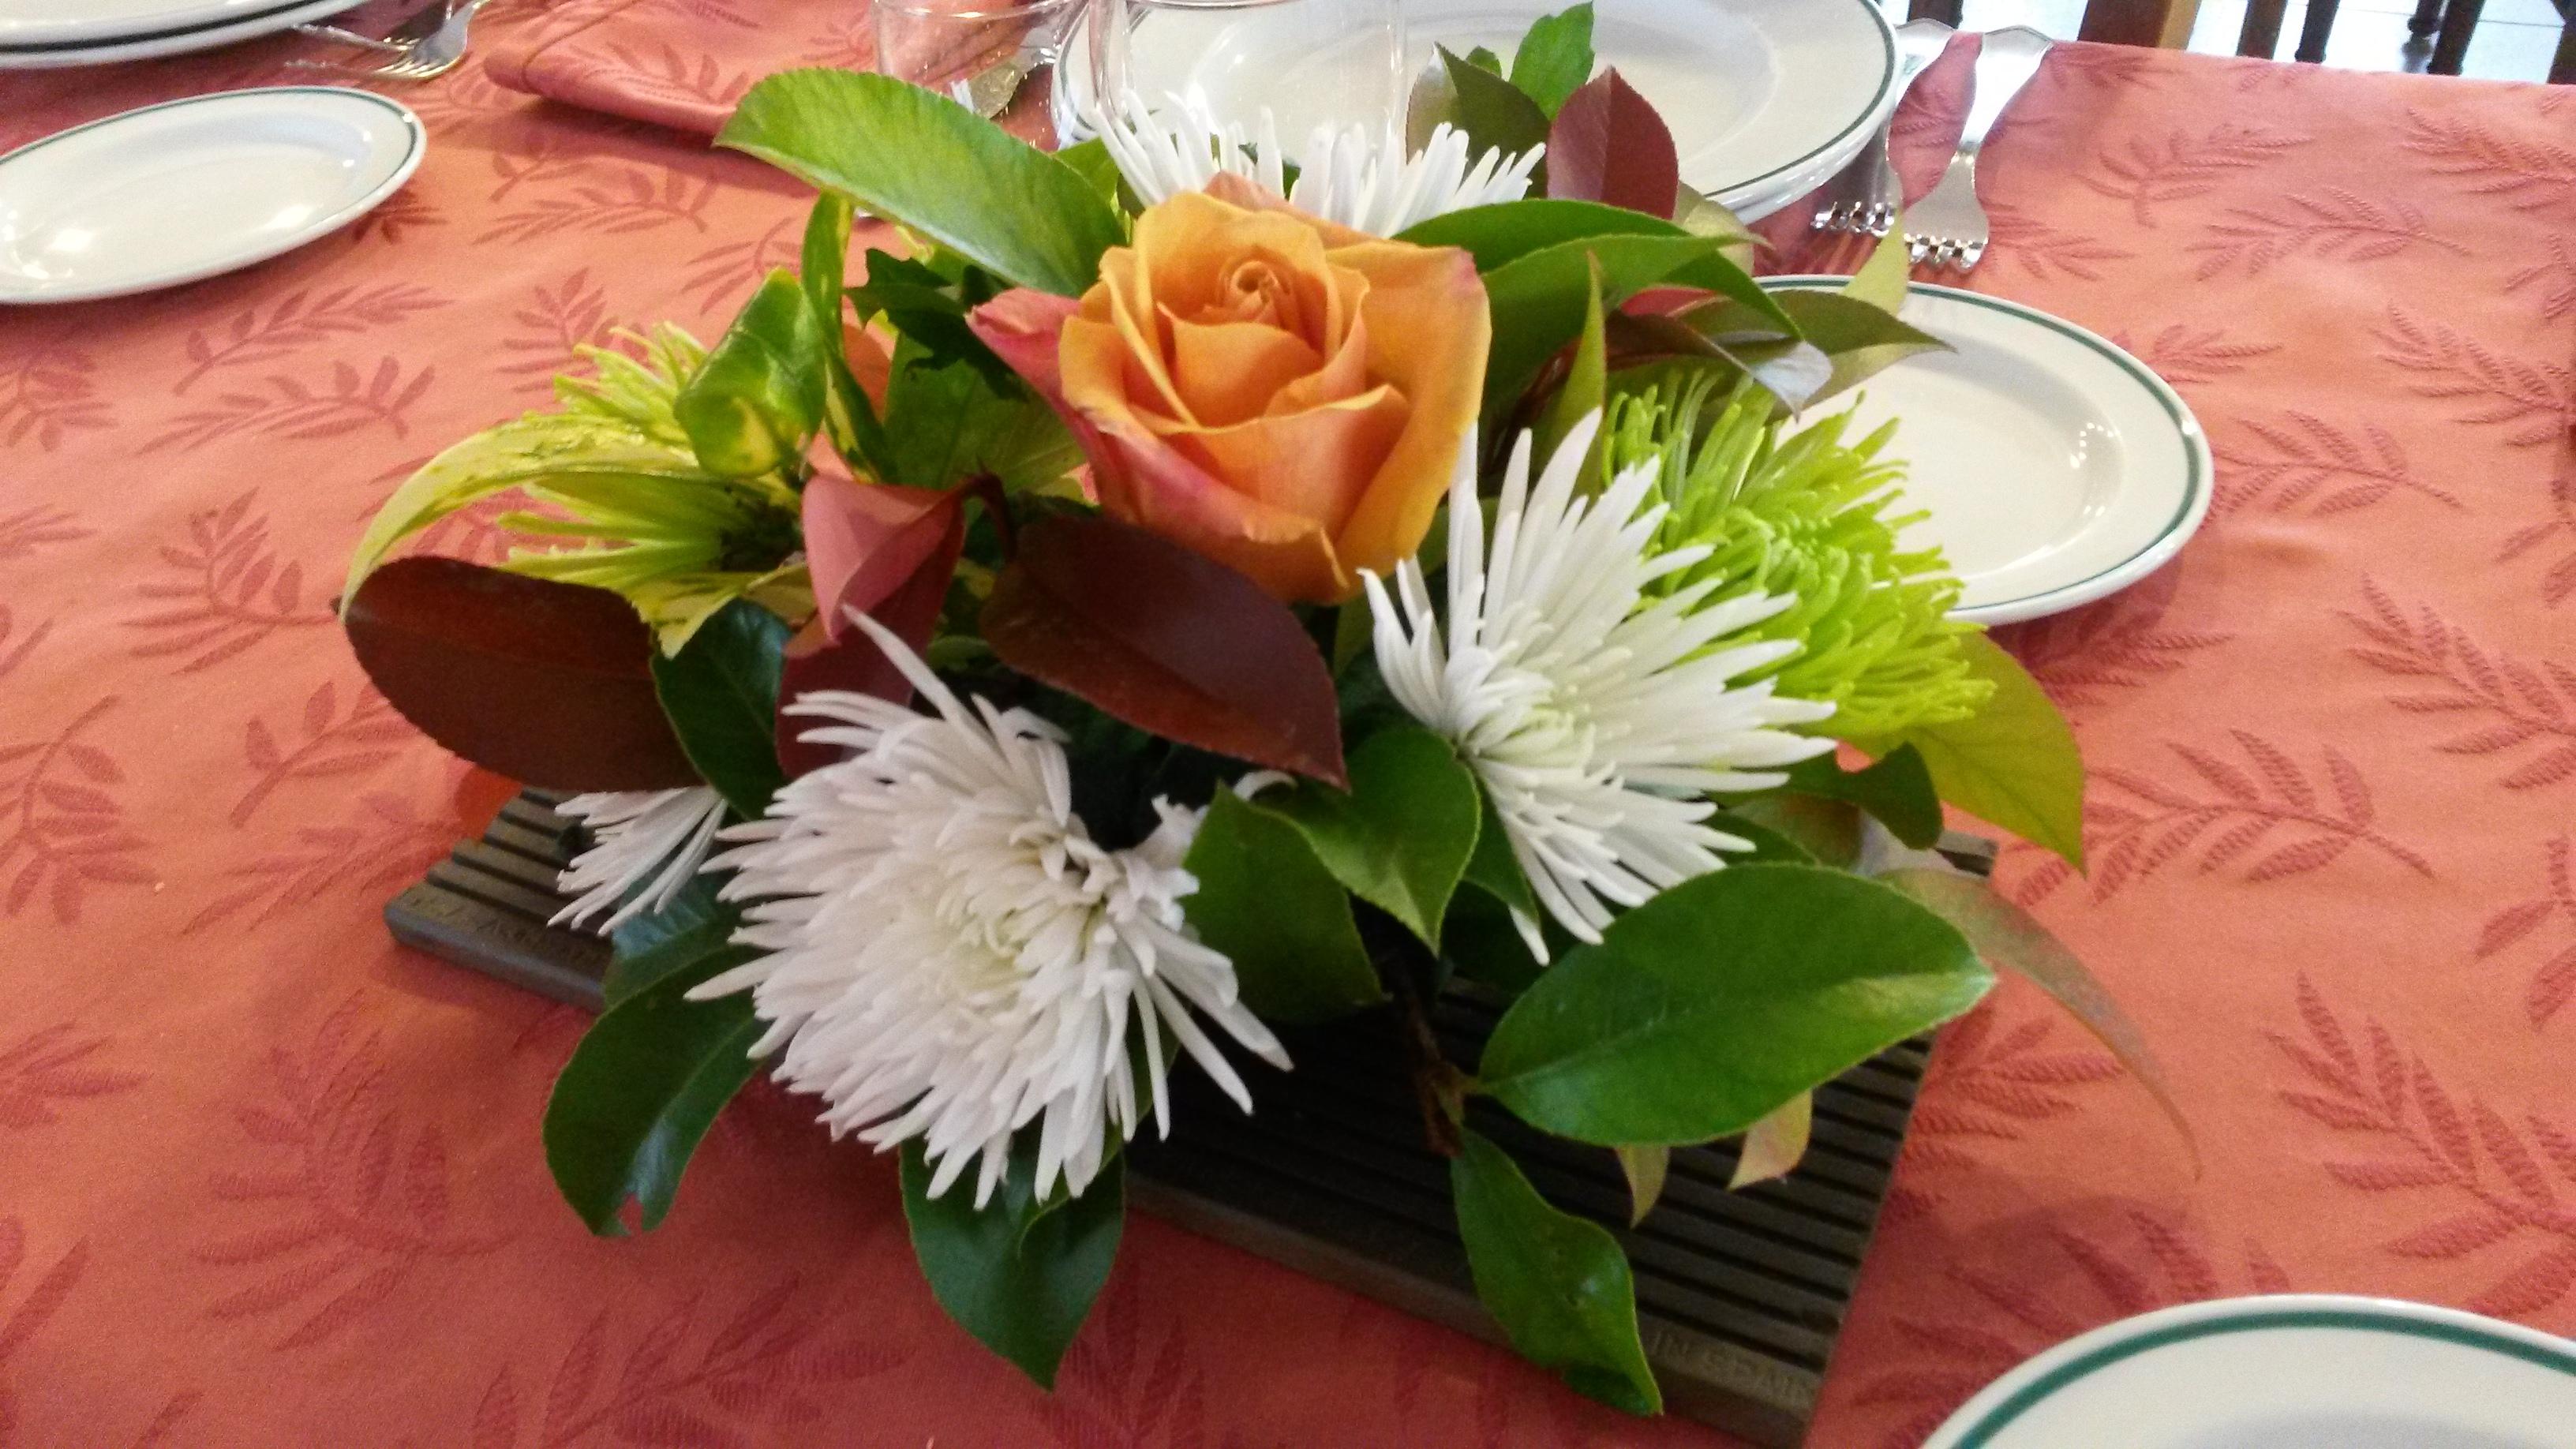 Arreglos Florales Sencillos Para La Mesa Hogar Creativo